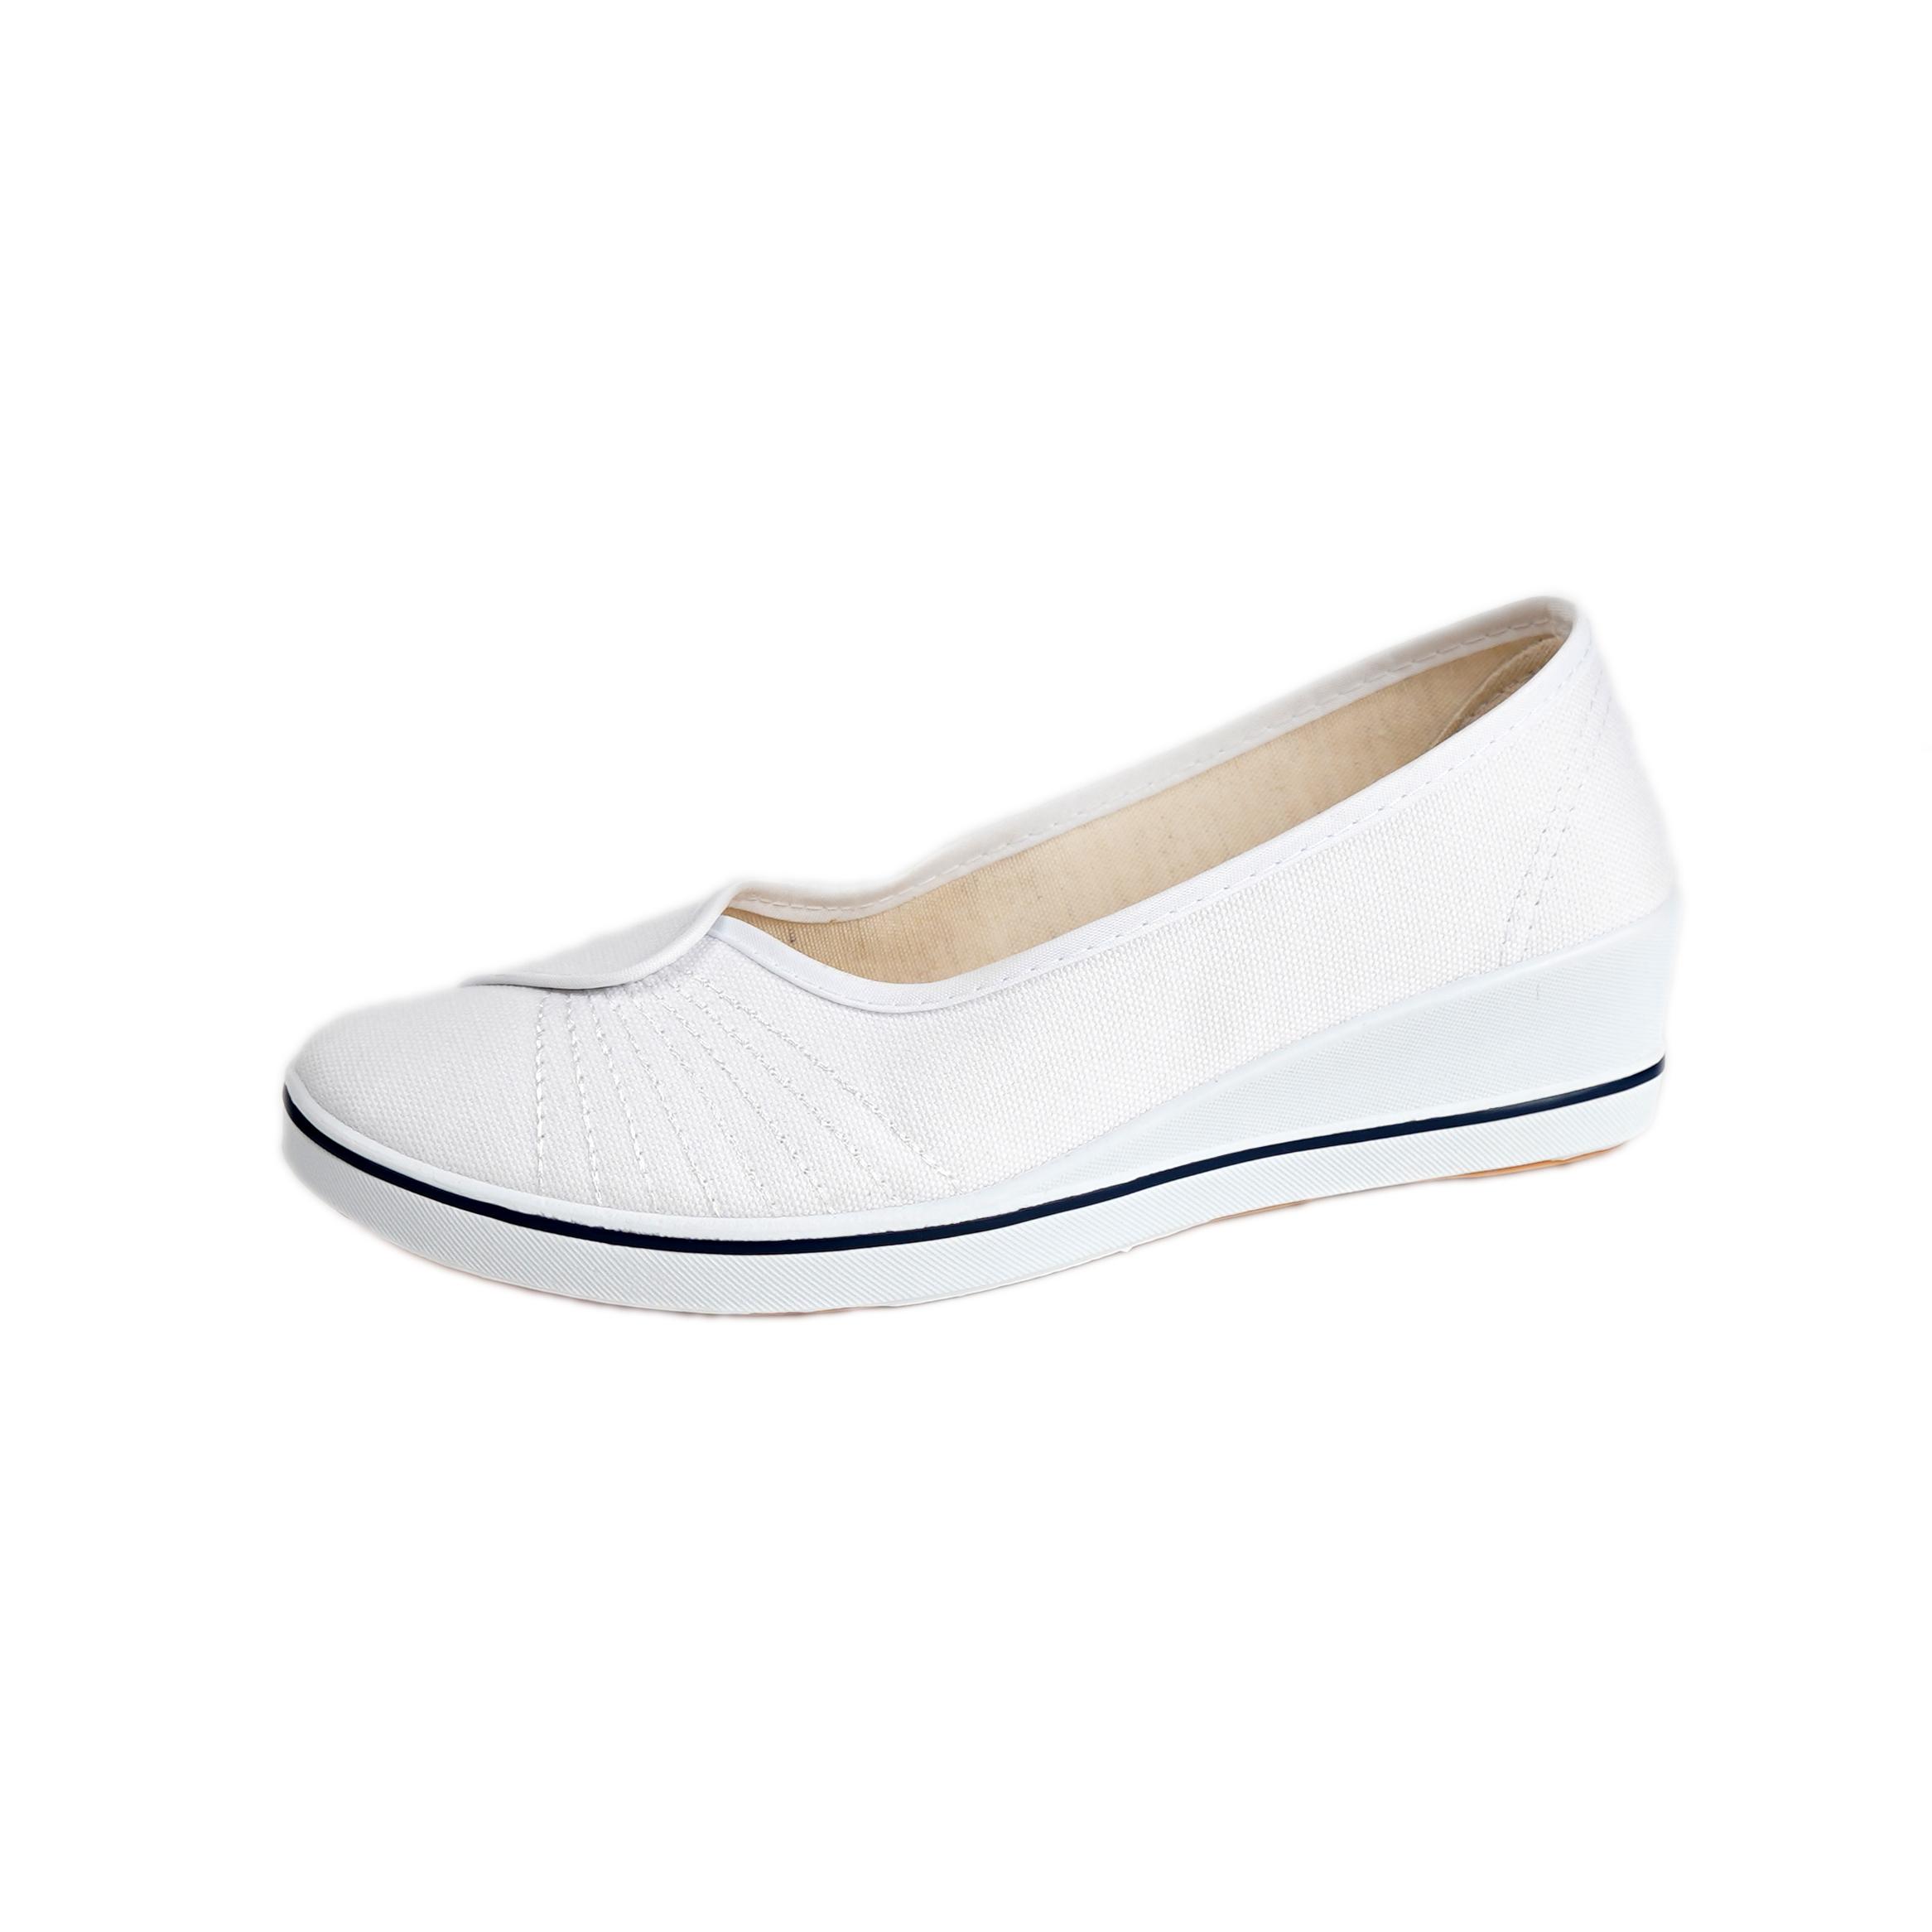 阿帅一字牌护士鞋女坡跟小白鞋白色防臭软底美容师工作鞋黑色布鞋